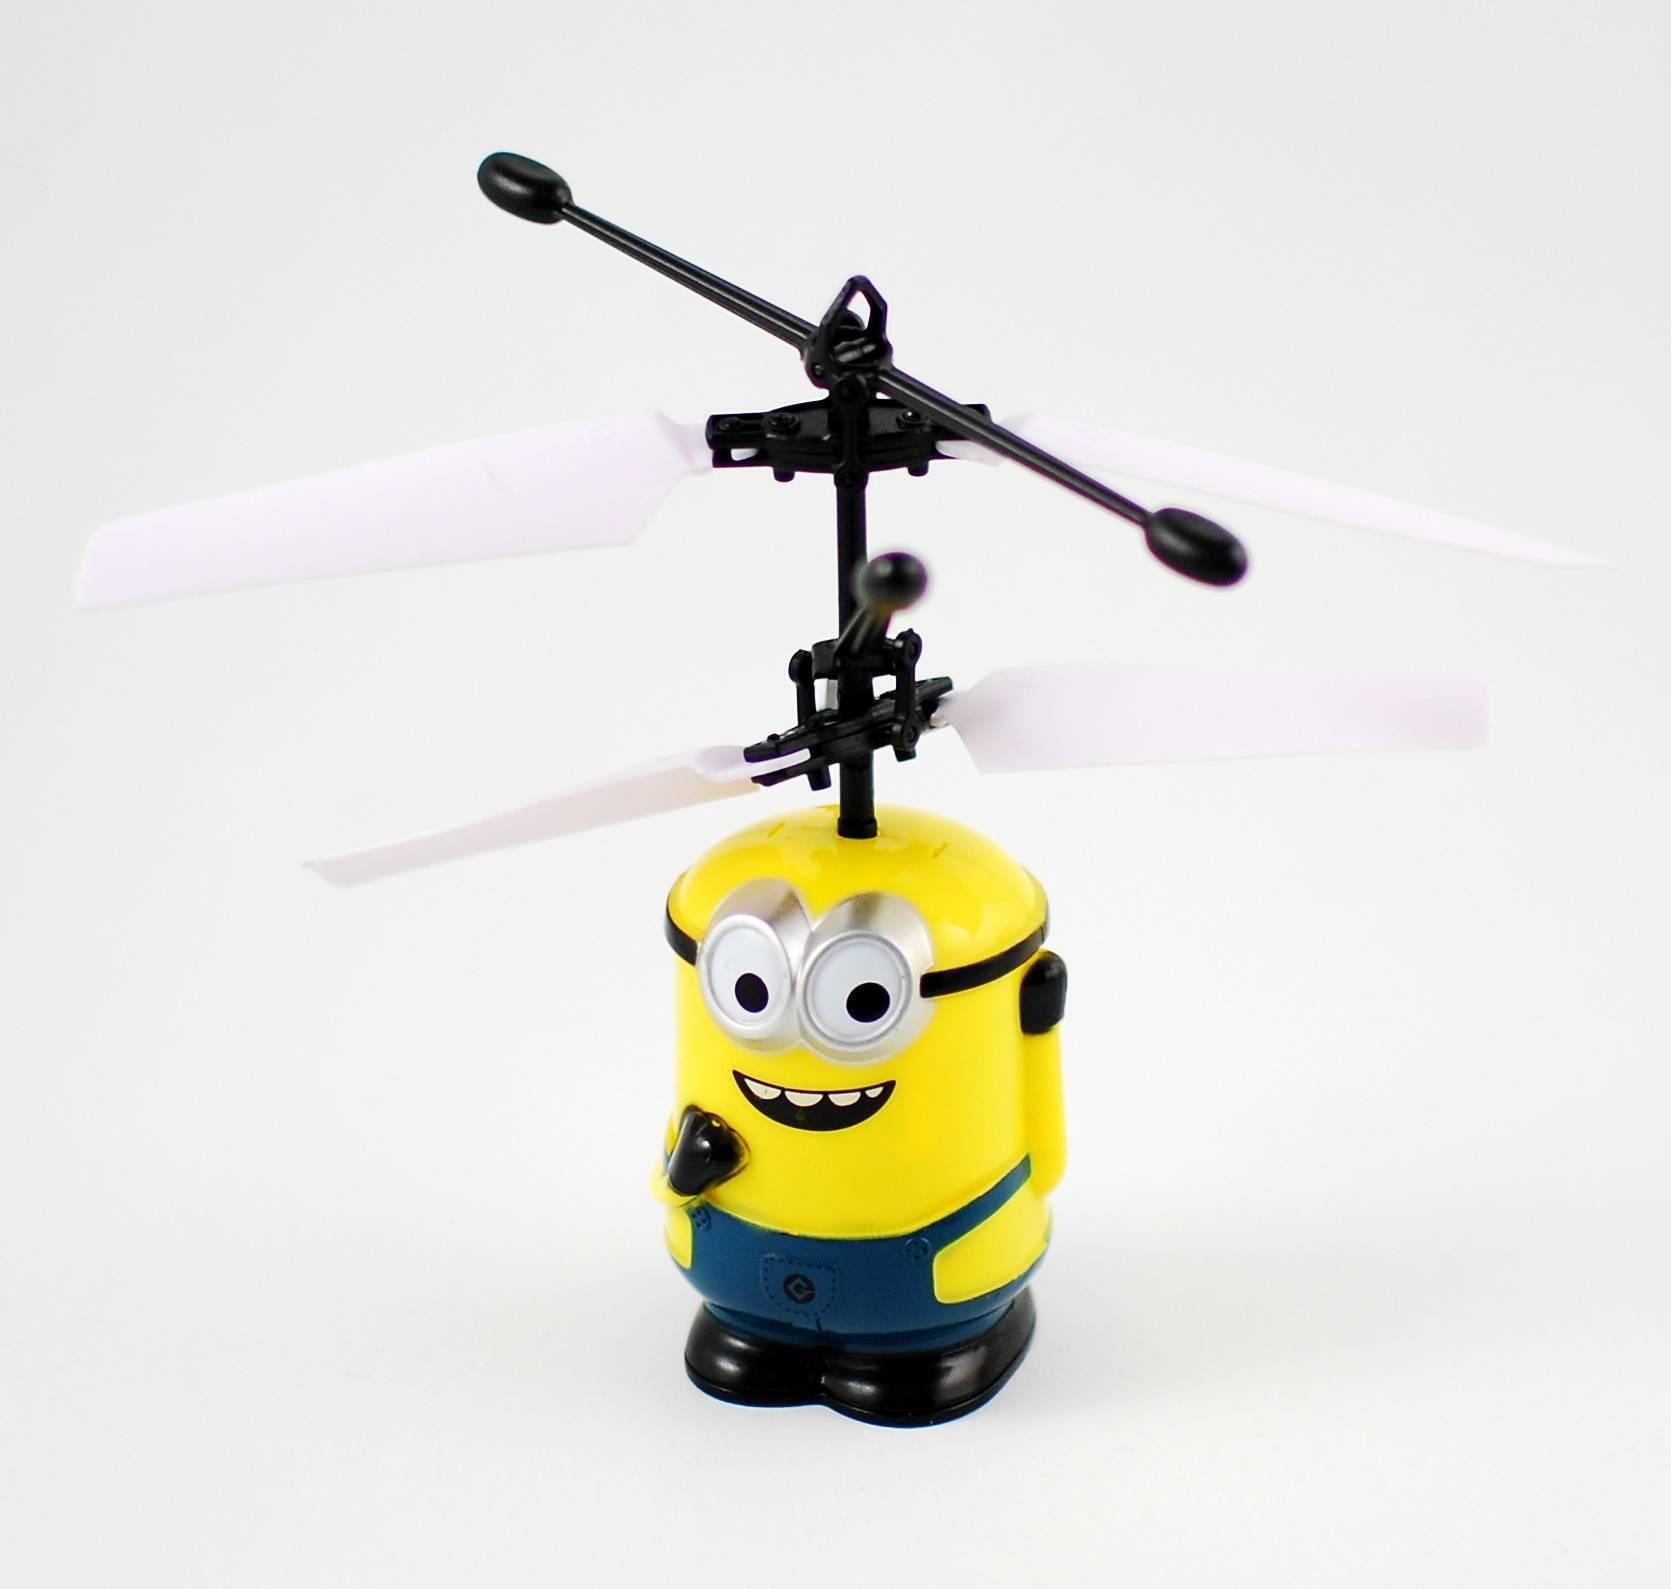 Drona Minion - Jucarie zburatoare reincarcabila (usb inclus)